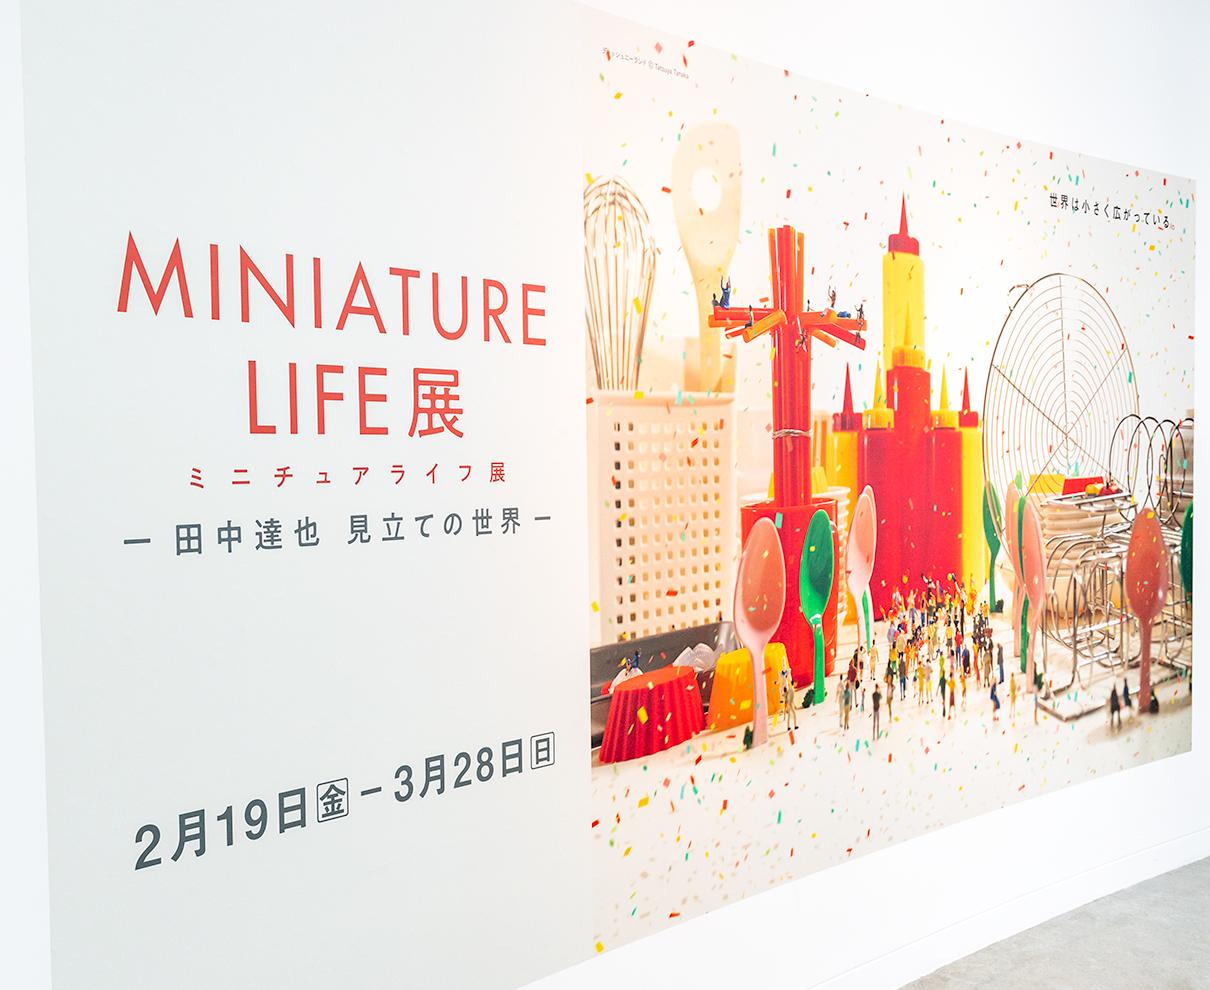 田中達也さんの「ミニチュアライフ展」